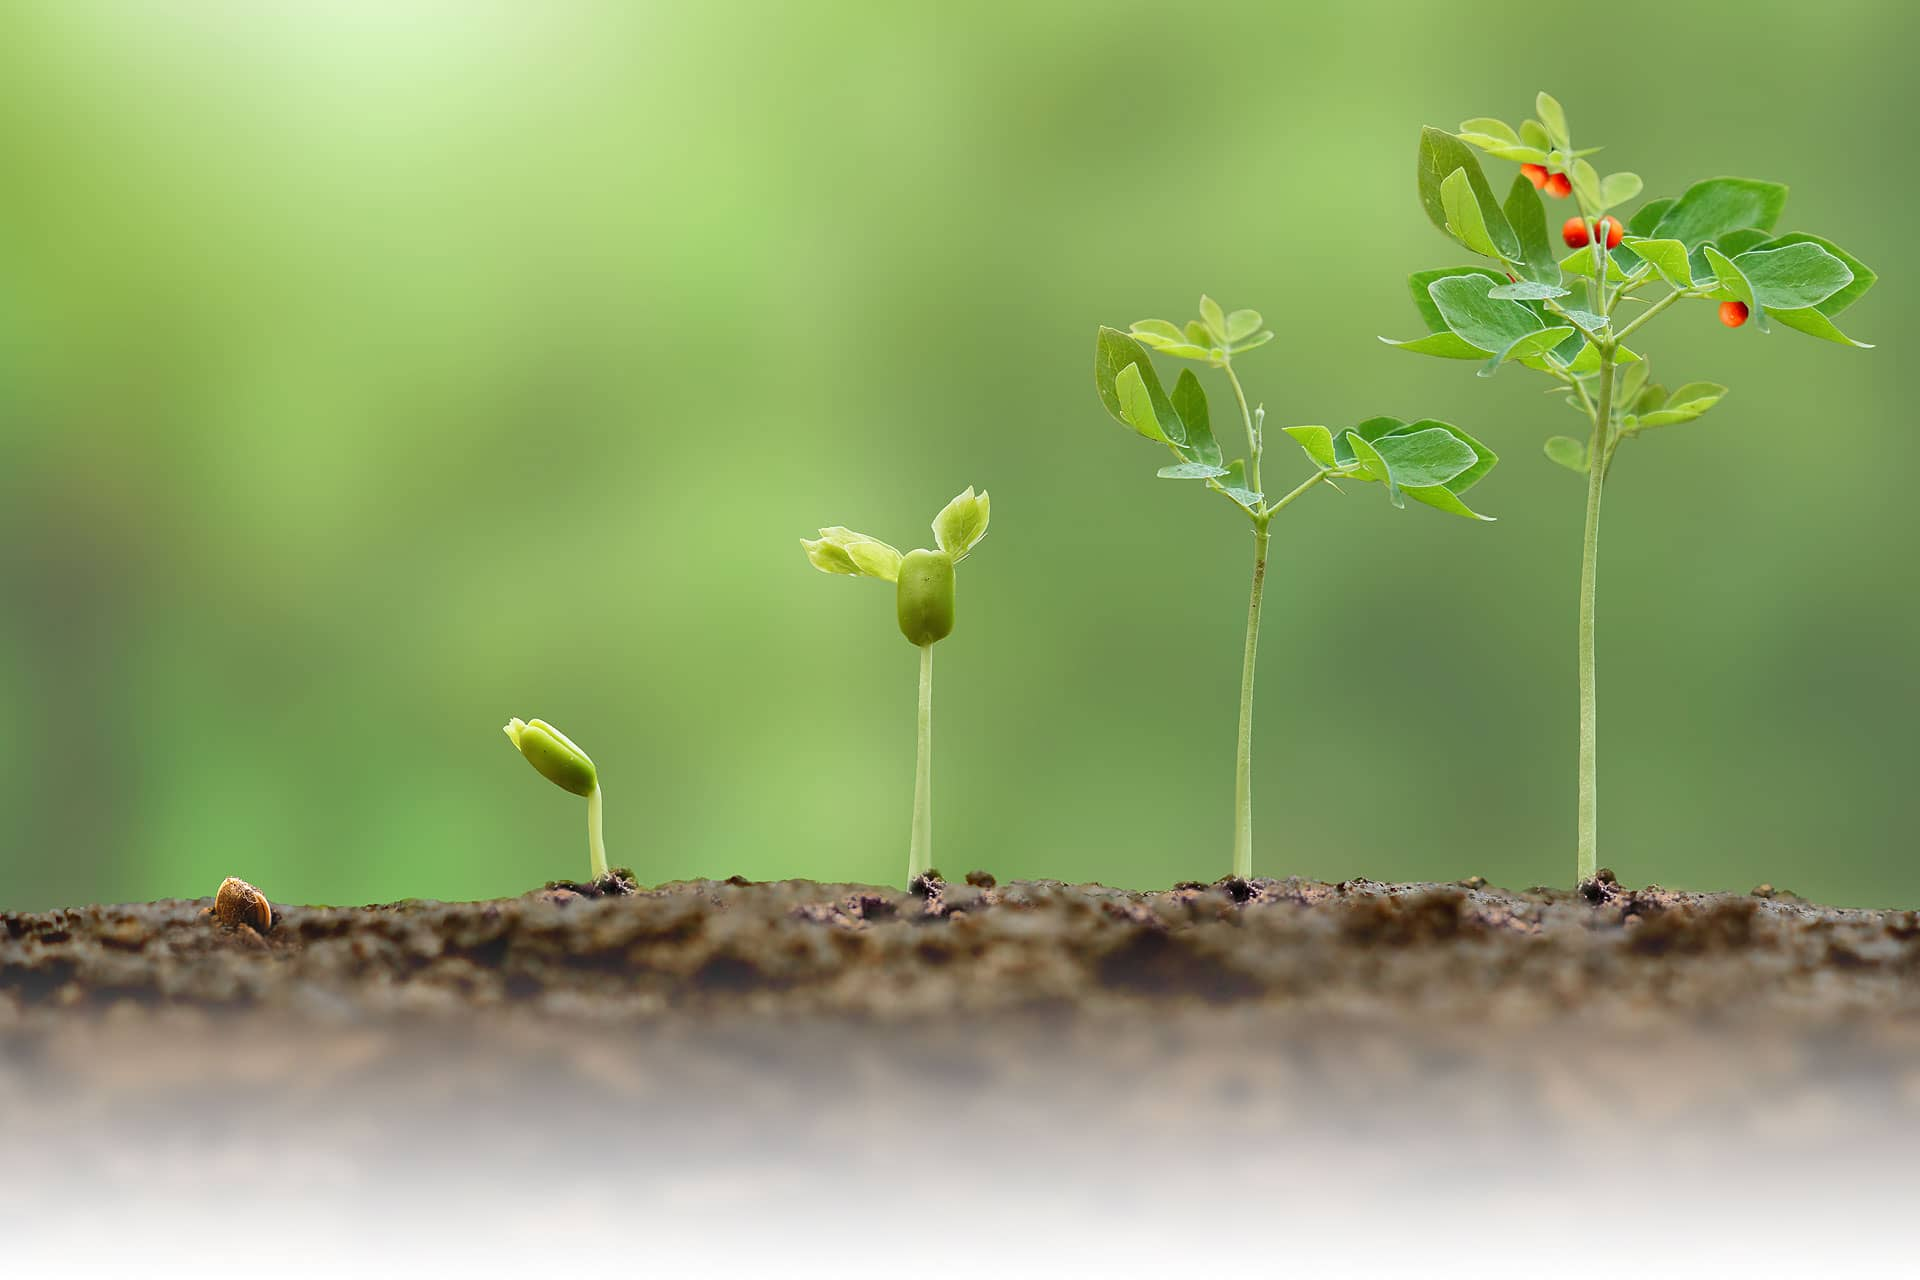 Proceso Crece | Tu proceso